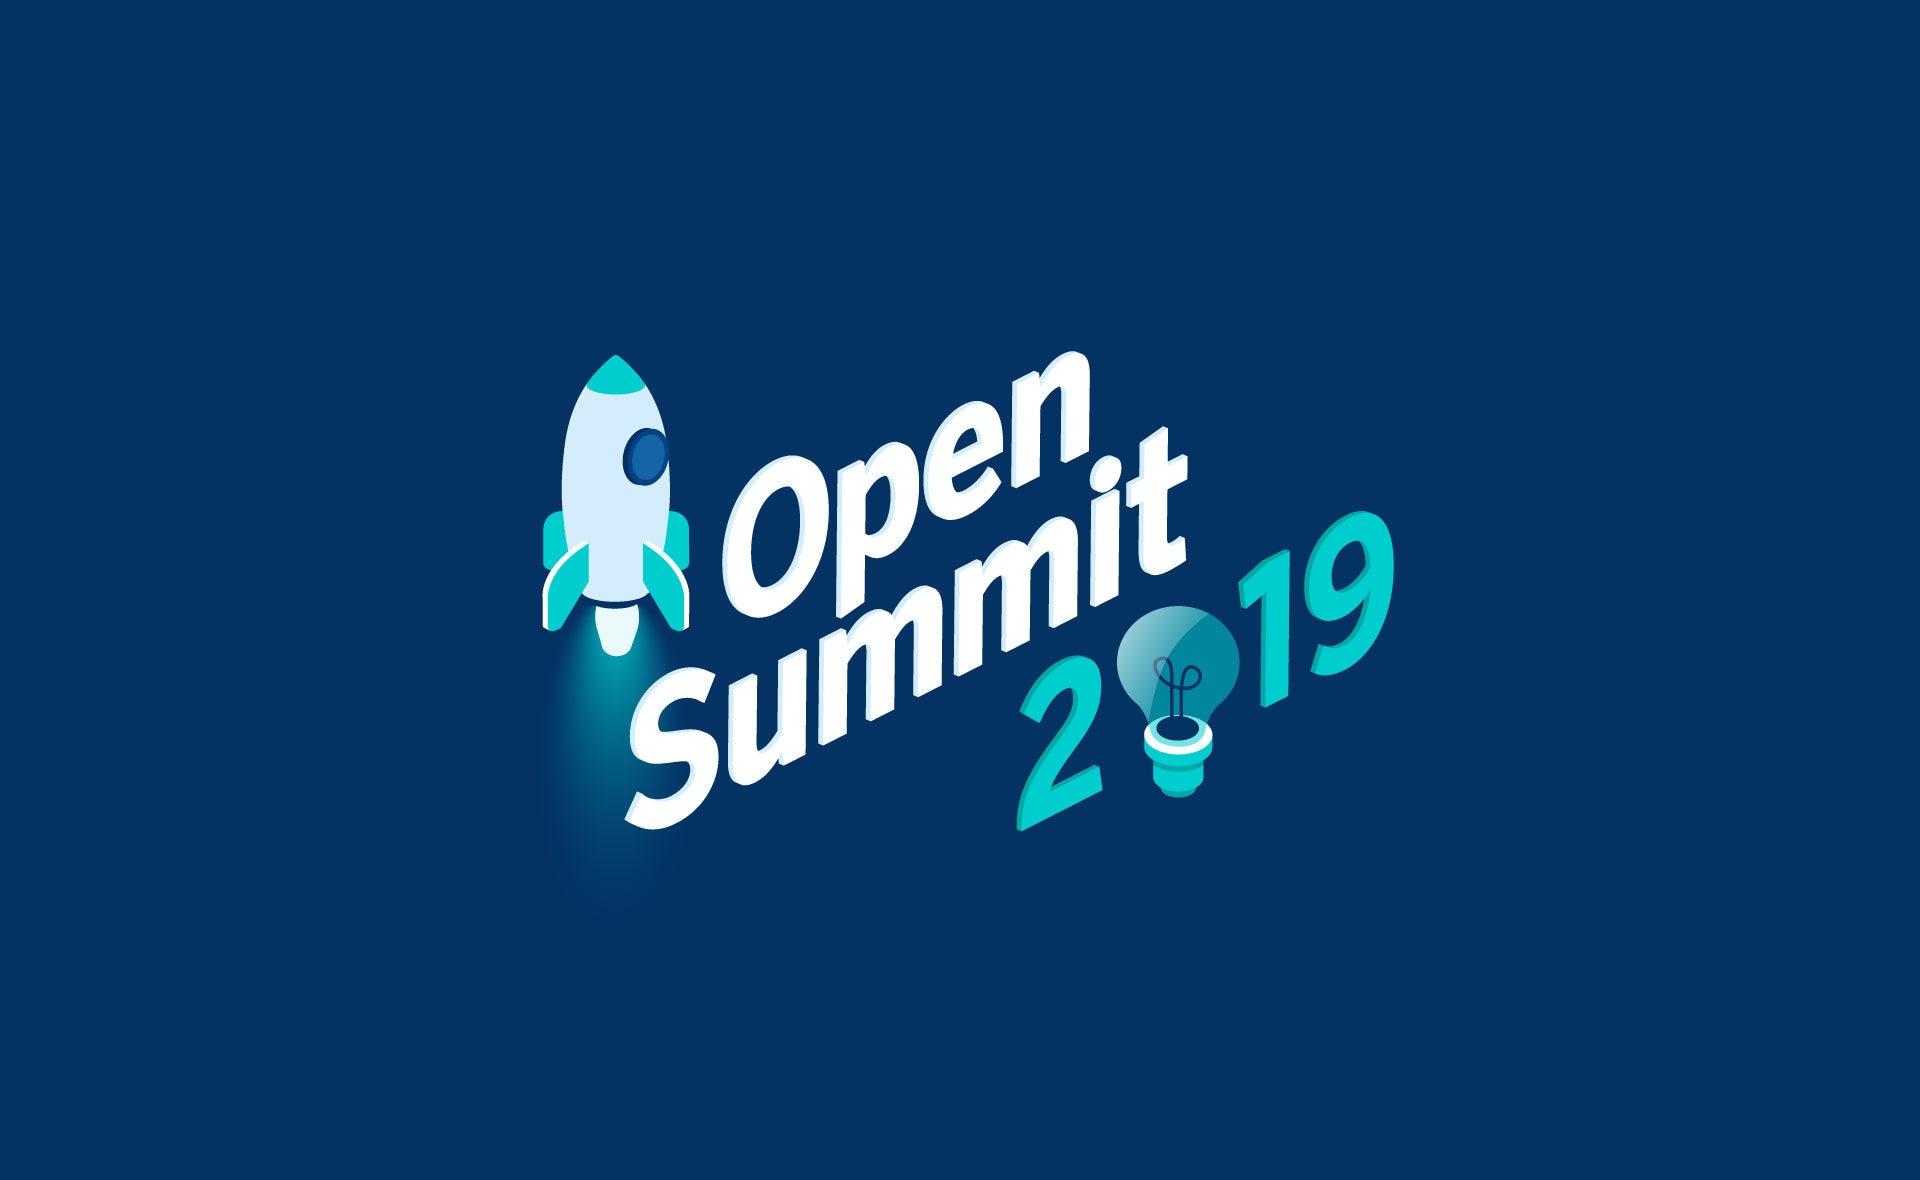 opensummit 2019